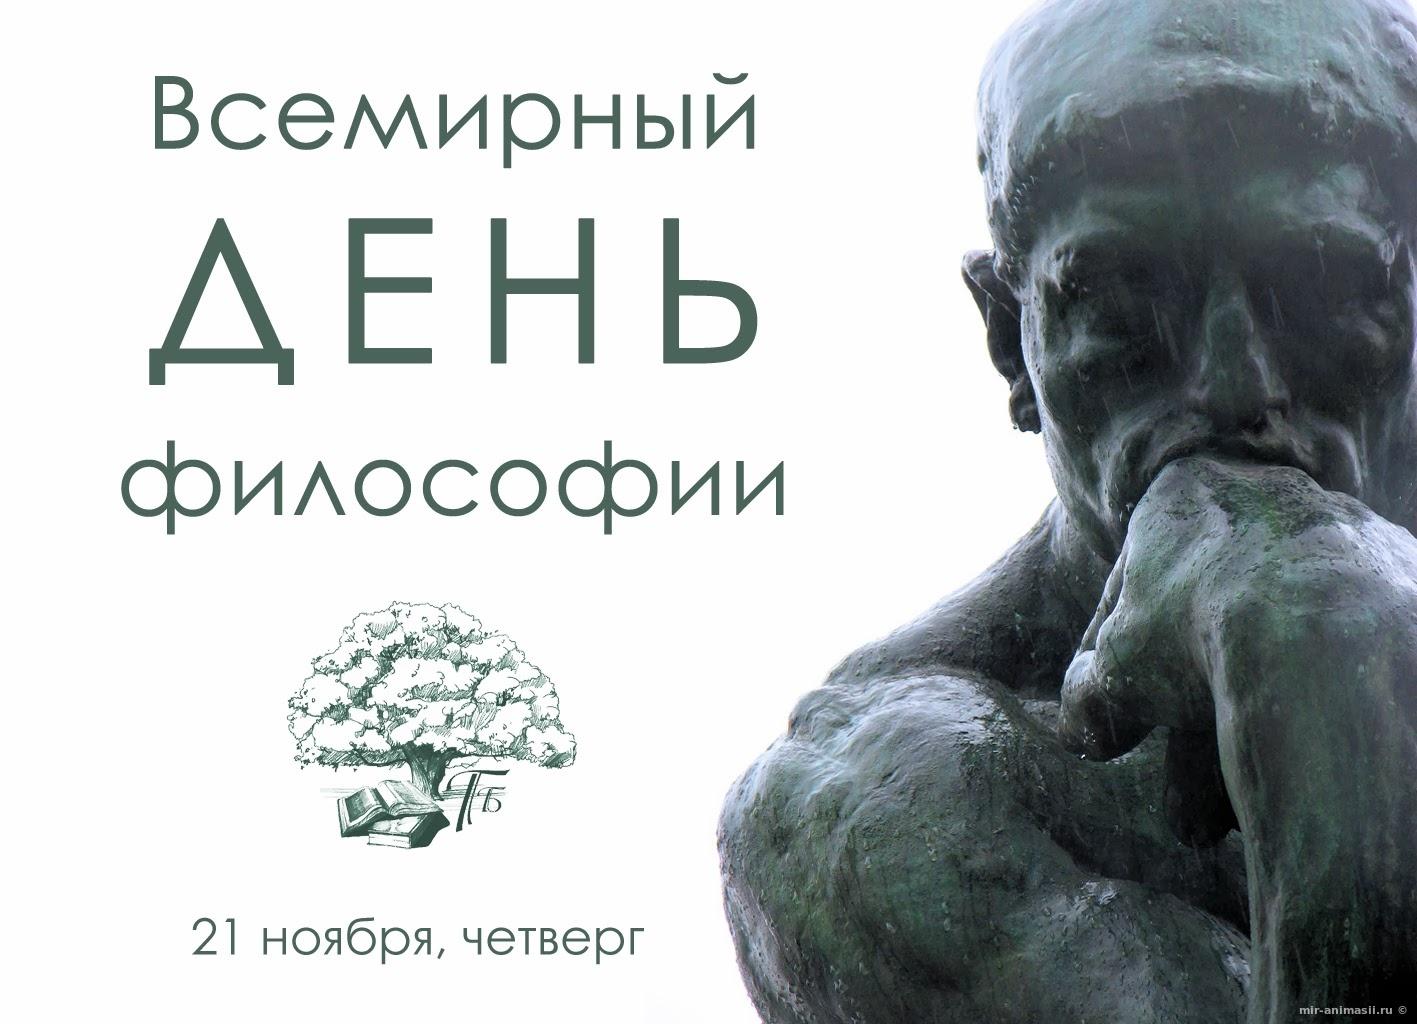 Всемирный день философии - 17 ноября